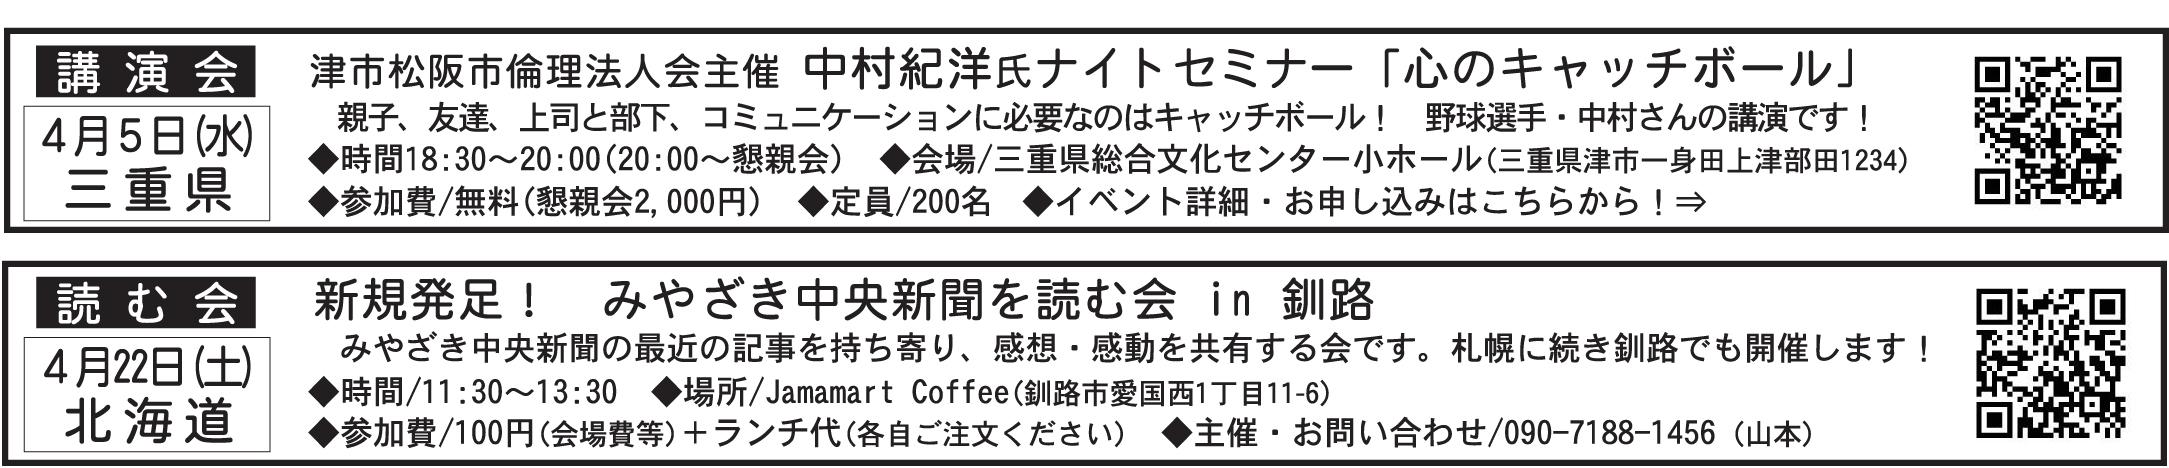 muryo2688.jpg